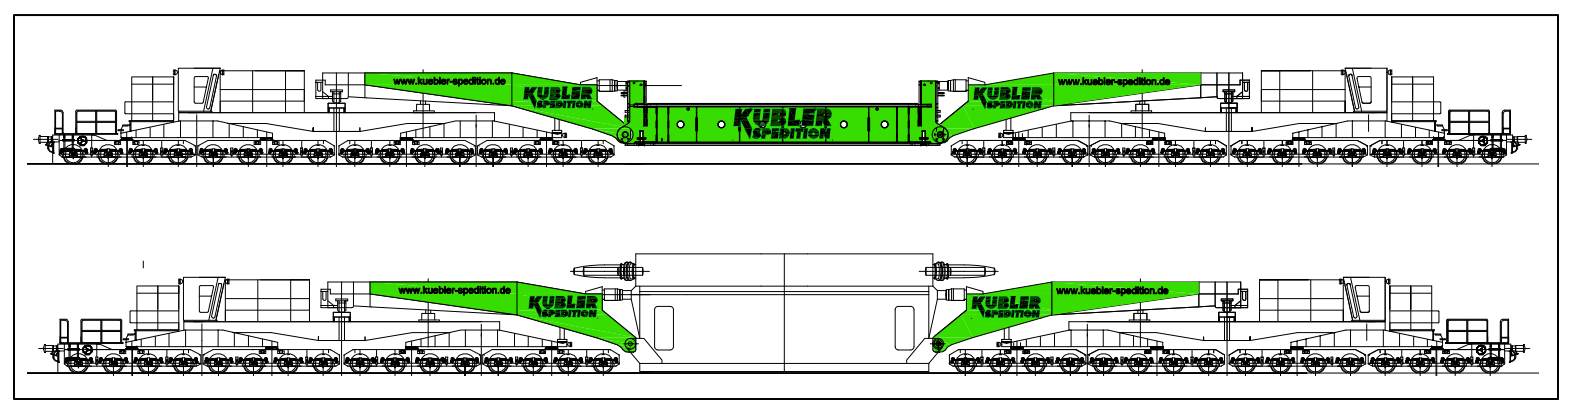 Neu im Kübler-Fuhrpark: der TSW500 mit 500 t Nutzlast